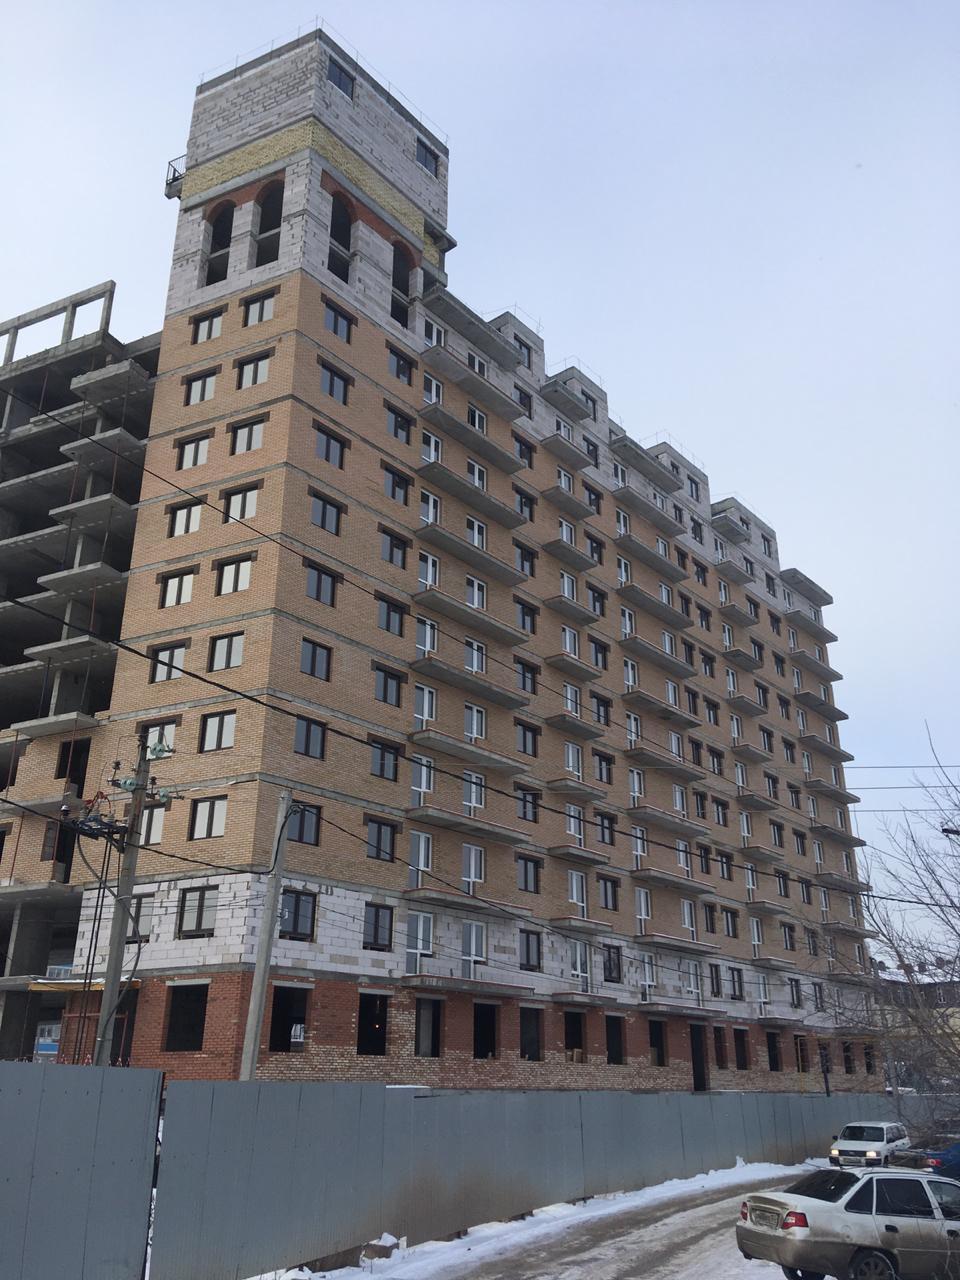 Продам 1-ю квартиру Смарт в ЖК Альпийский парк, Кузнецовский затон, ул. Пугачева 43Б